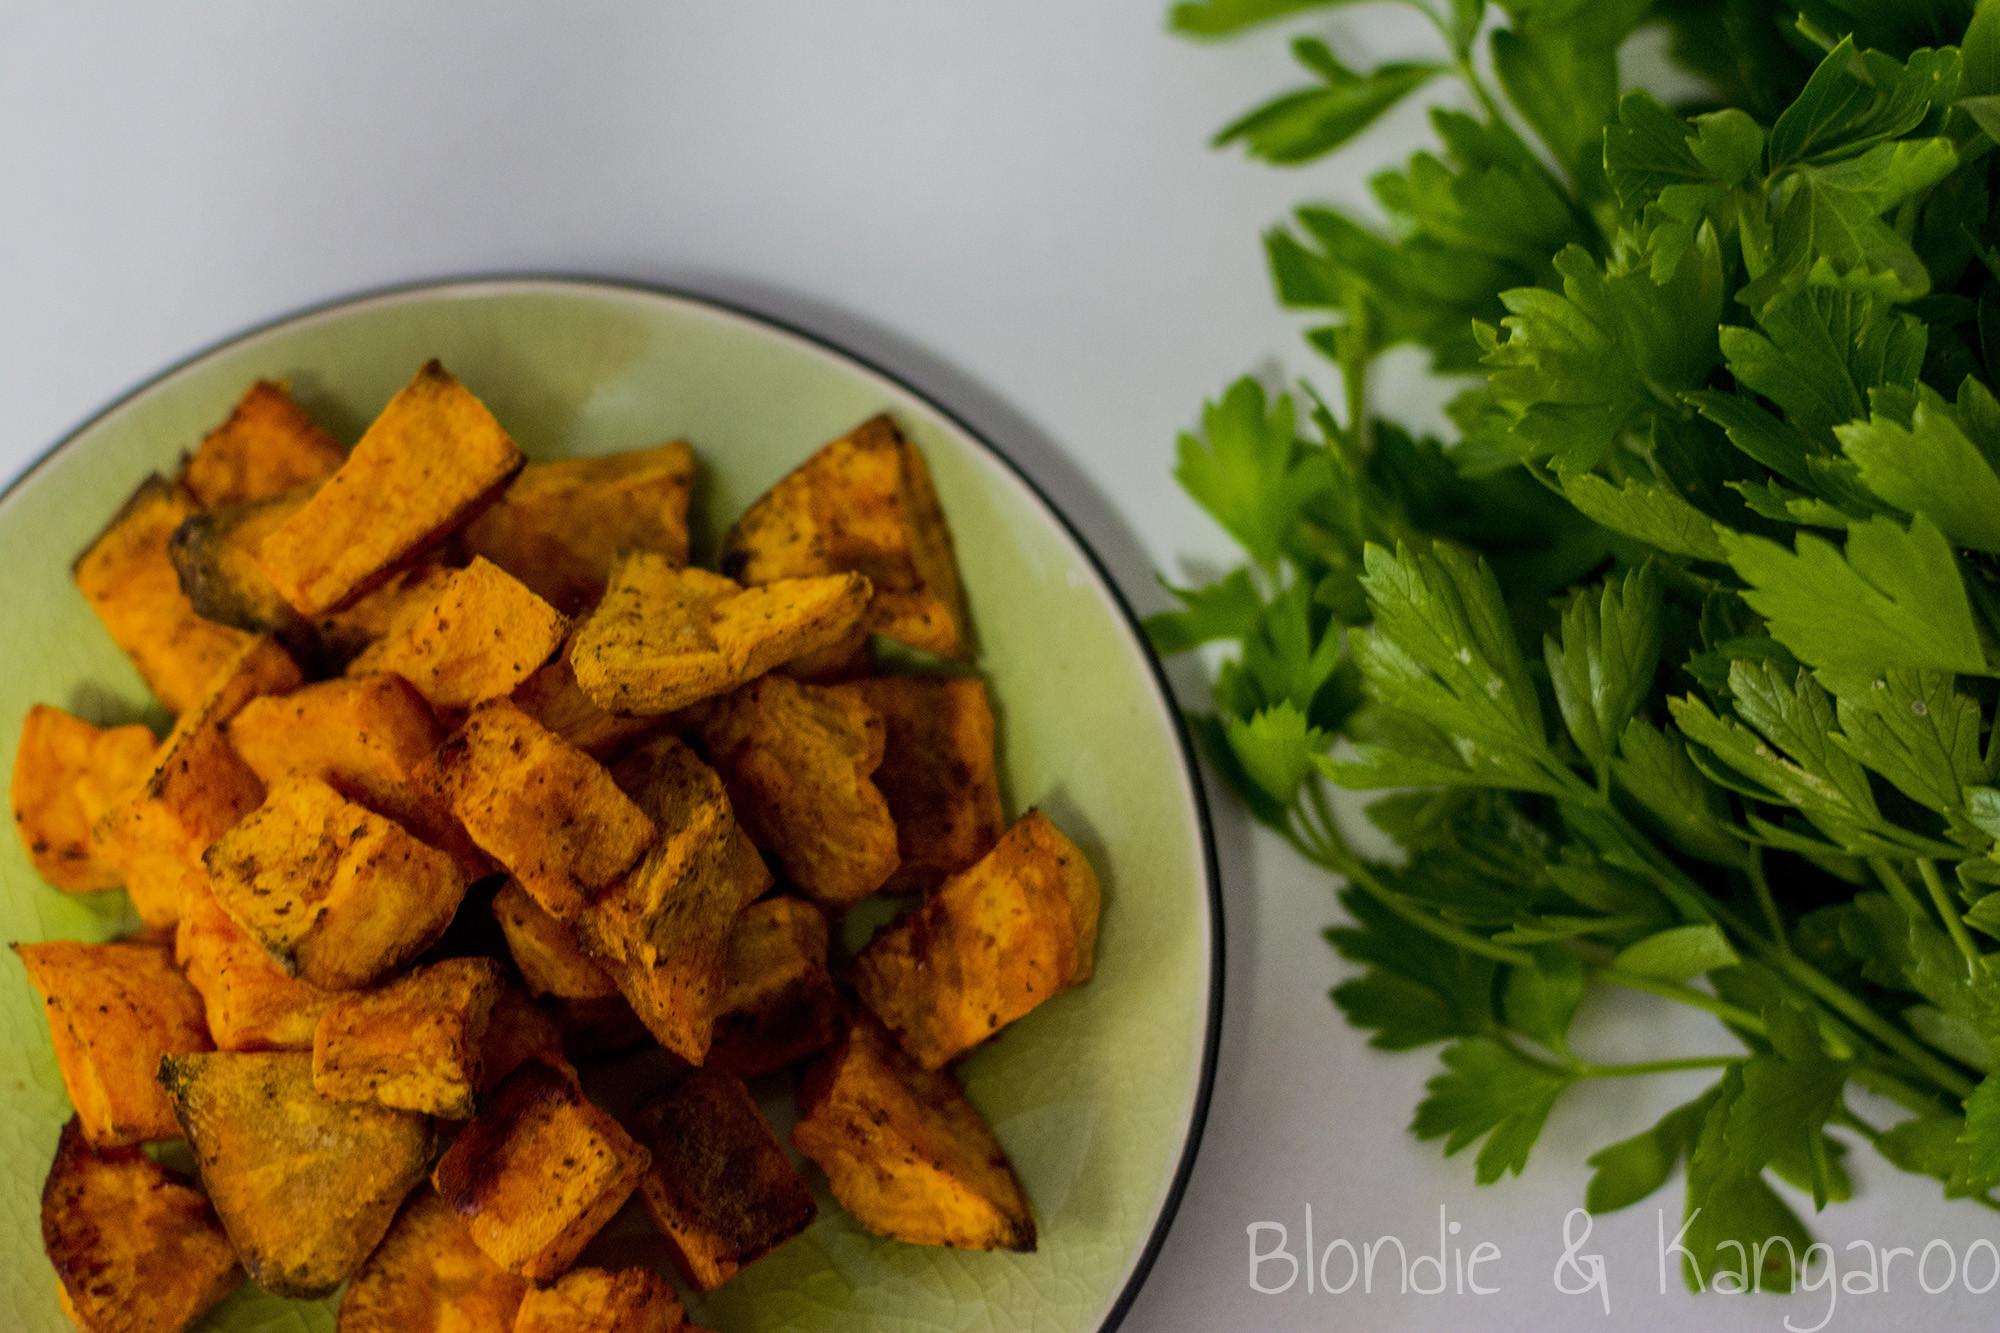 Baked Sweet Potato Cubes  Baked sweet potato cubes Blon & Kangaroo